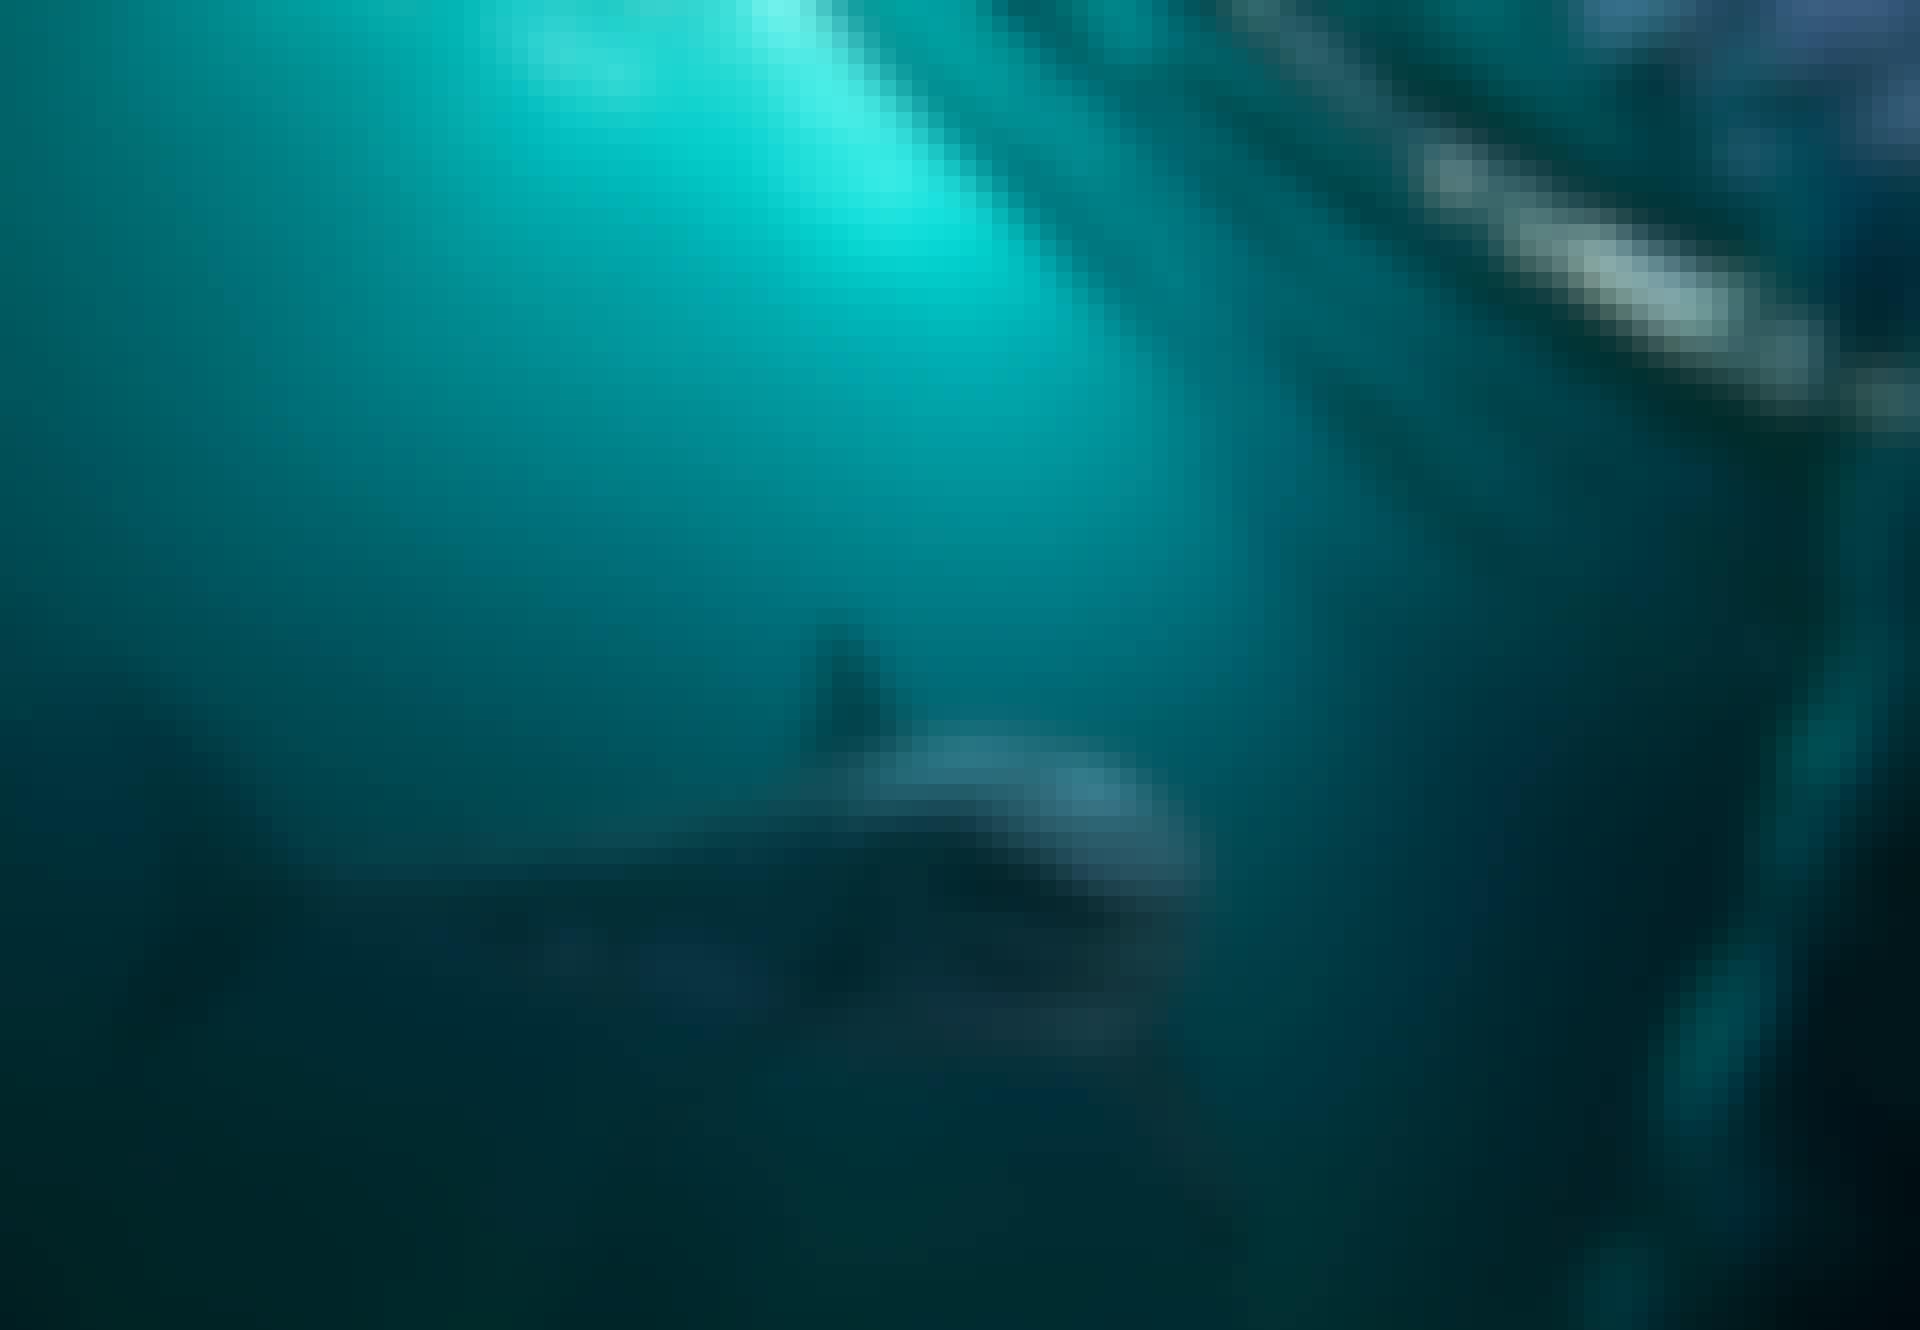 Haj simmar i djupet